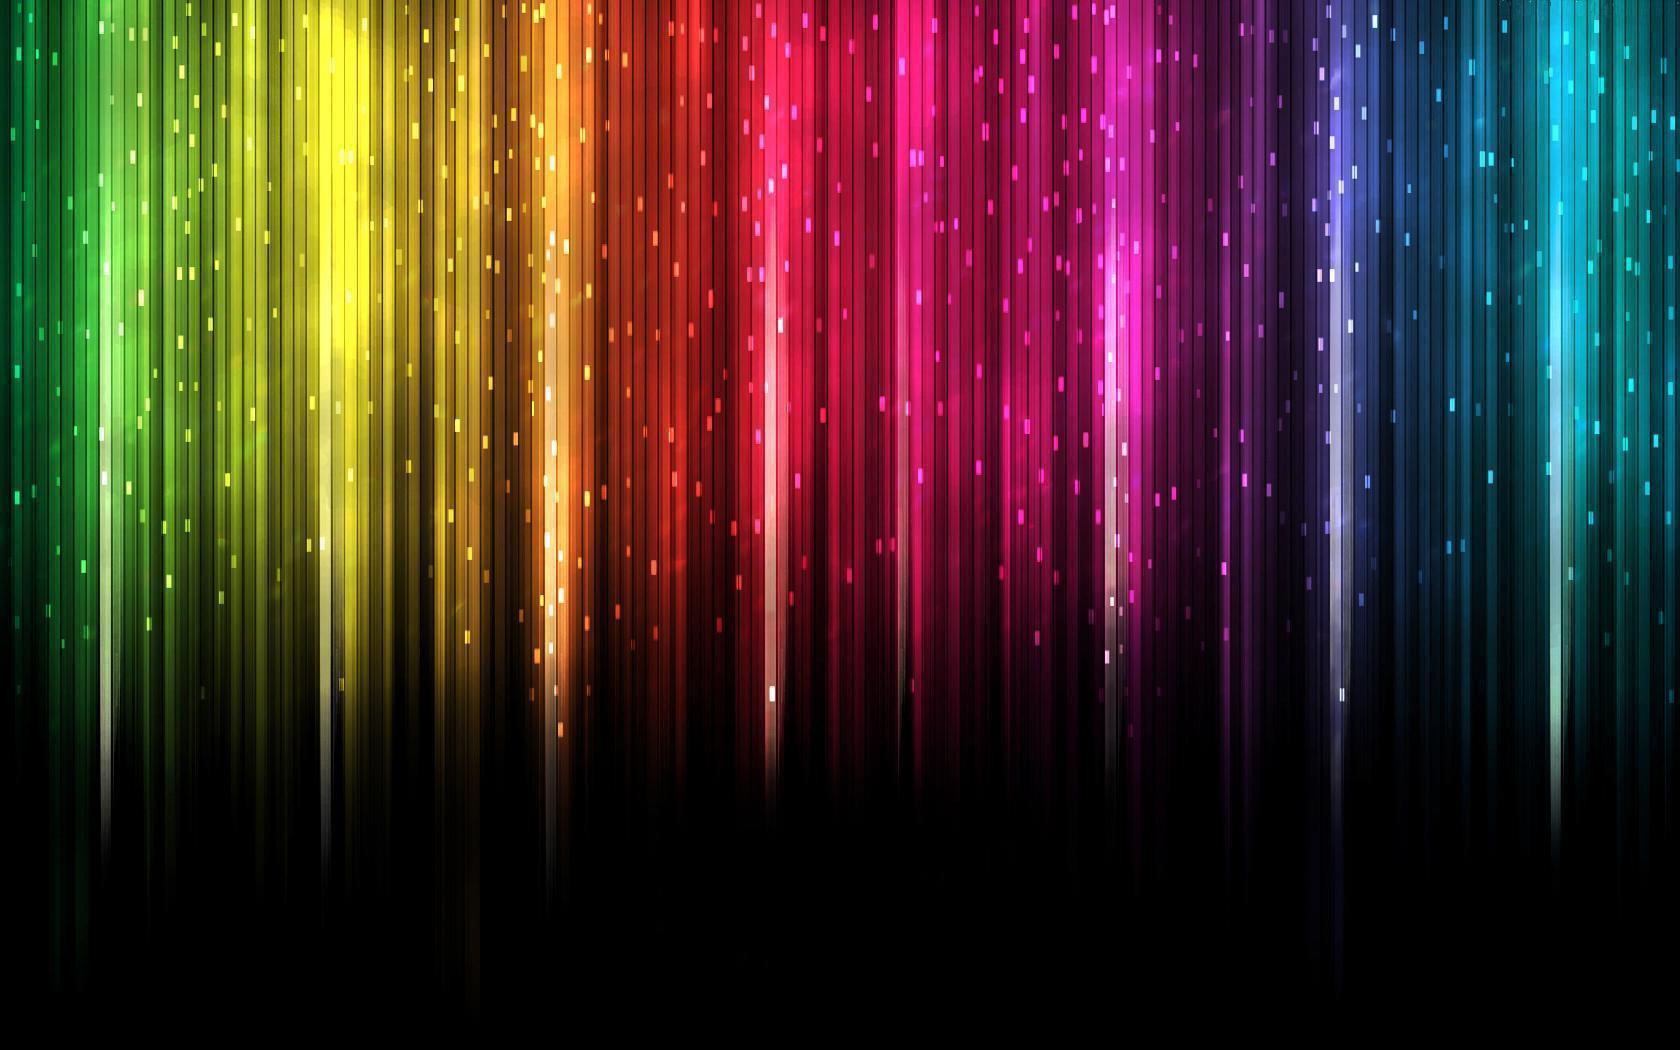 fonds-ecran_toutes_couleurs_10